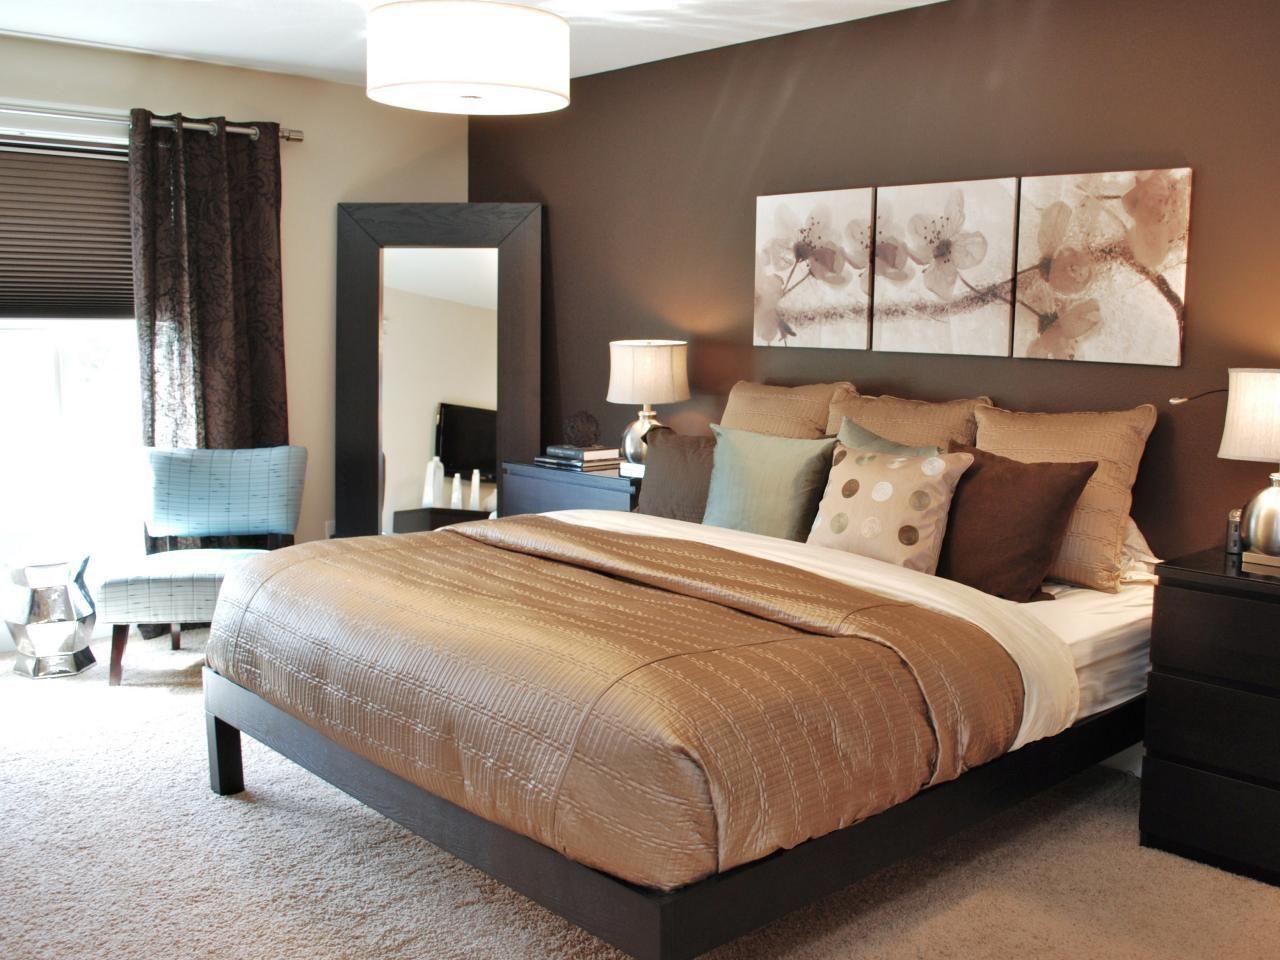 15 fotos de decoraci n de habitaciones modernas y for Decoracion de habitaciones principales